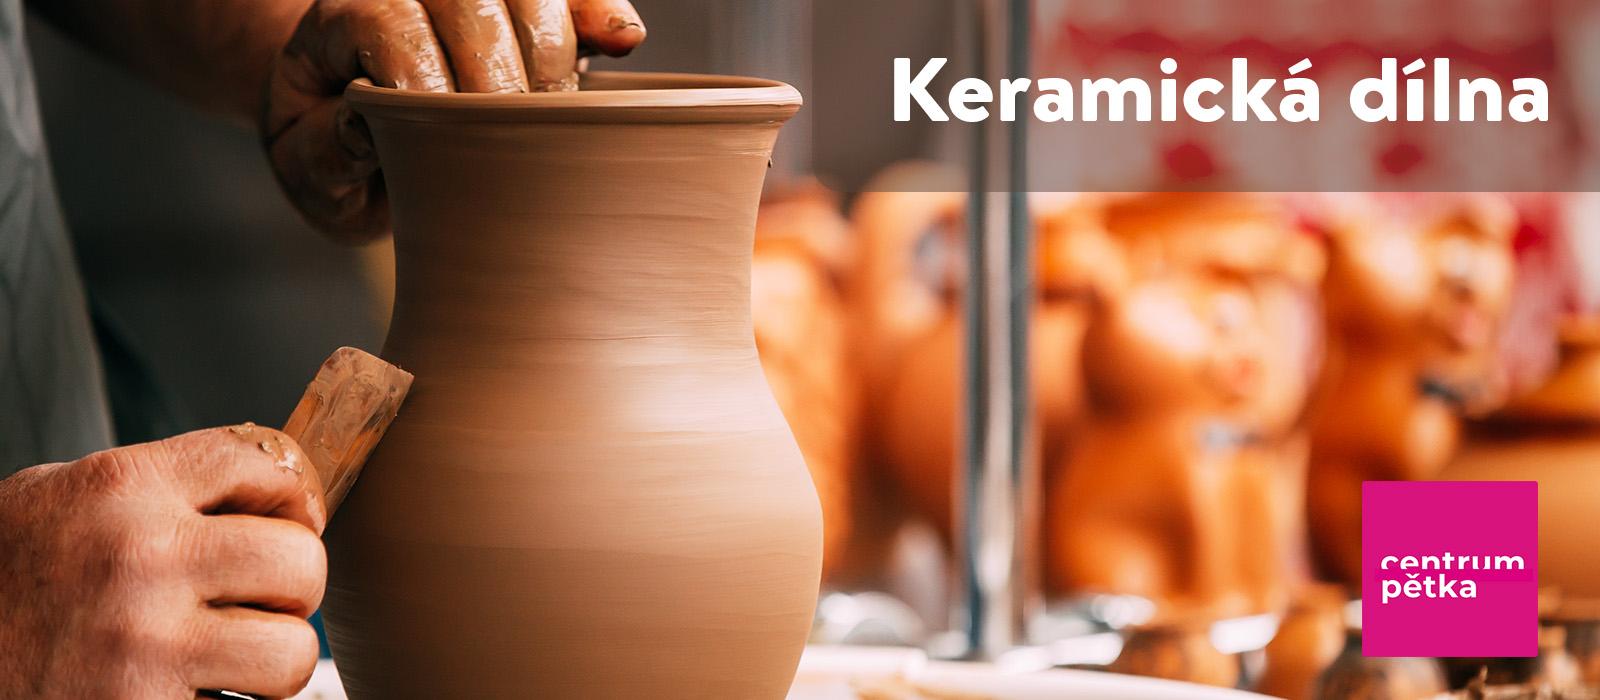 relaxace v keramické dílně